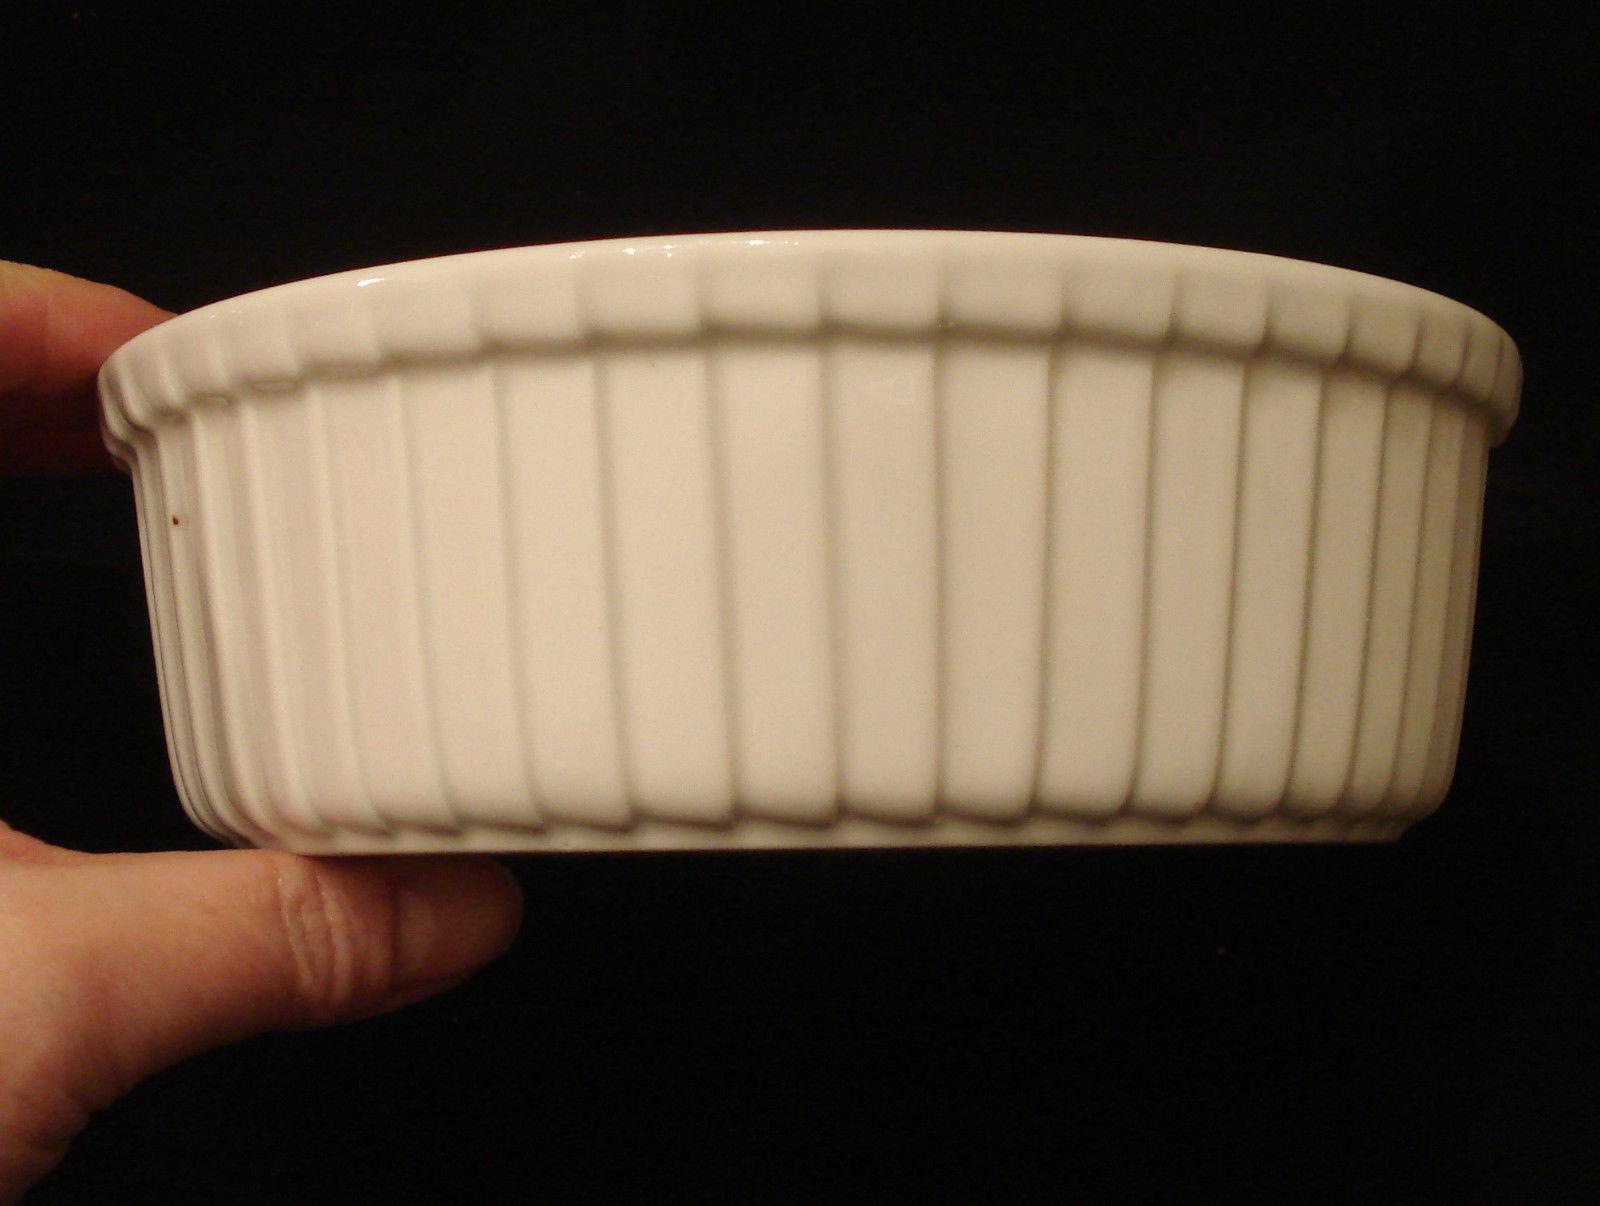 Ceramic Stoneware Baking : Unmarked round glazed white ceramic stoneware casserole